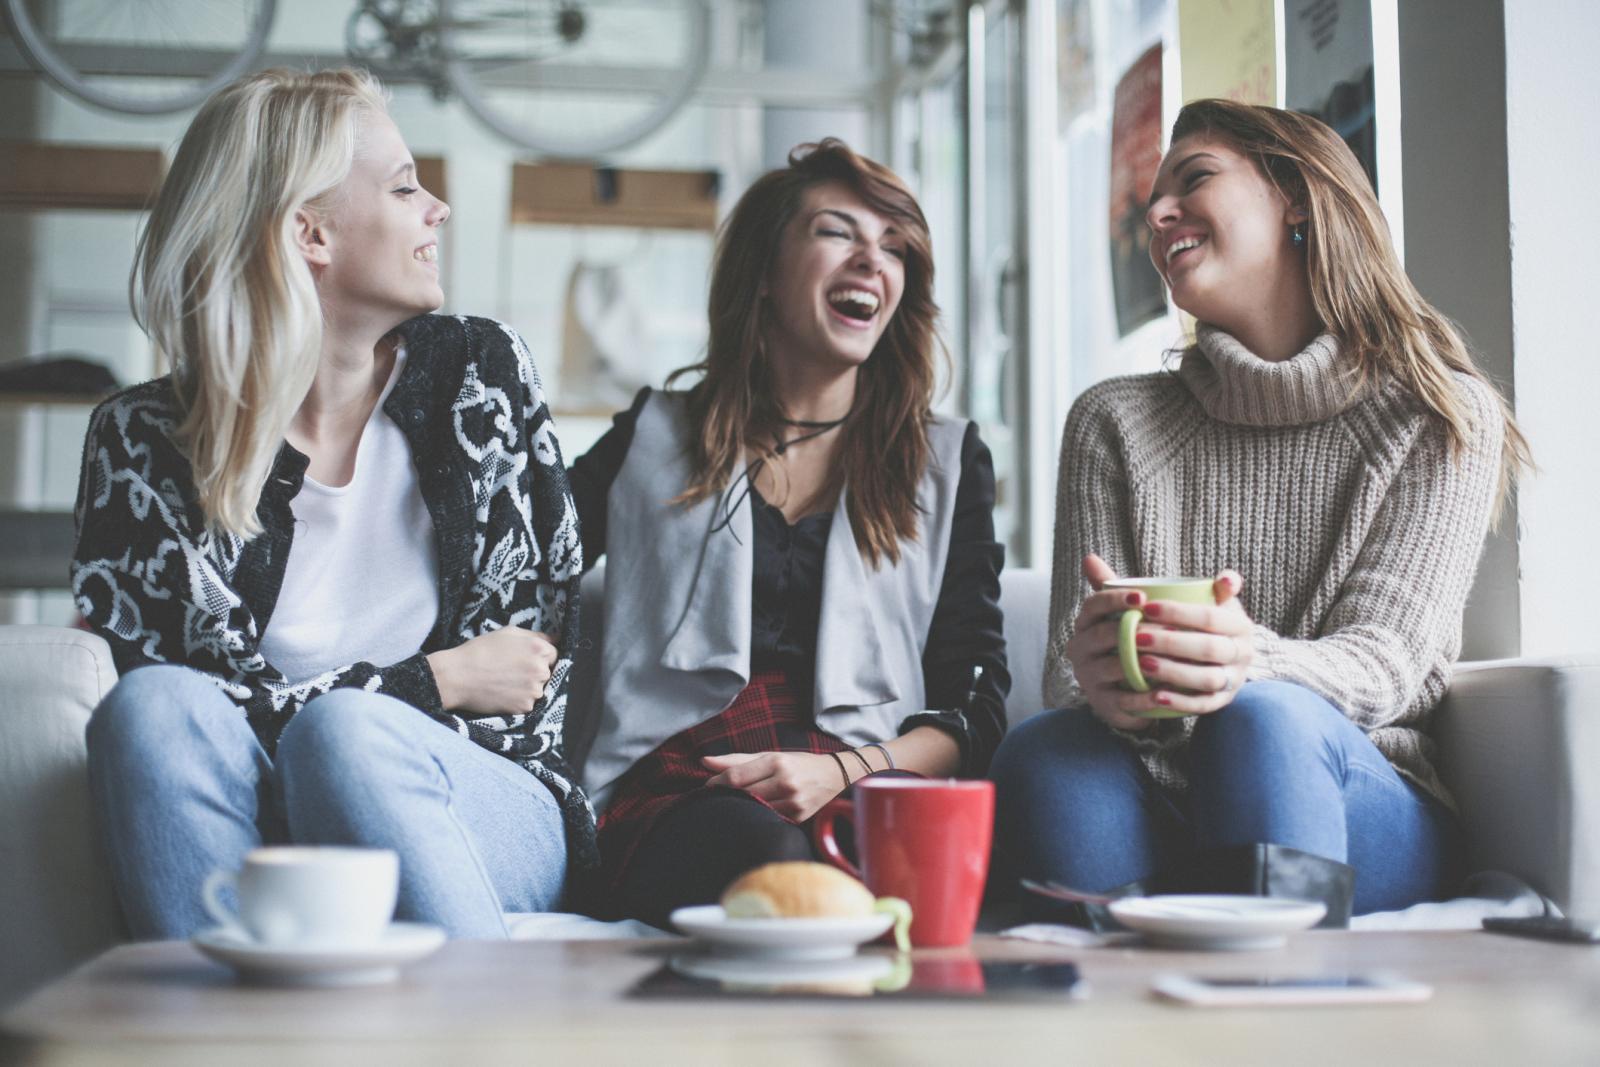 Ako cijeli dan provodite na poslu sjedeći, tada to barem nemojte toliko često raditi u slobodno vrijeme. Družiti se s prijateljima možete i na aktivnije načine od ispijanja kavice...